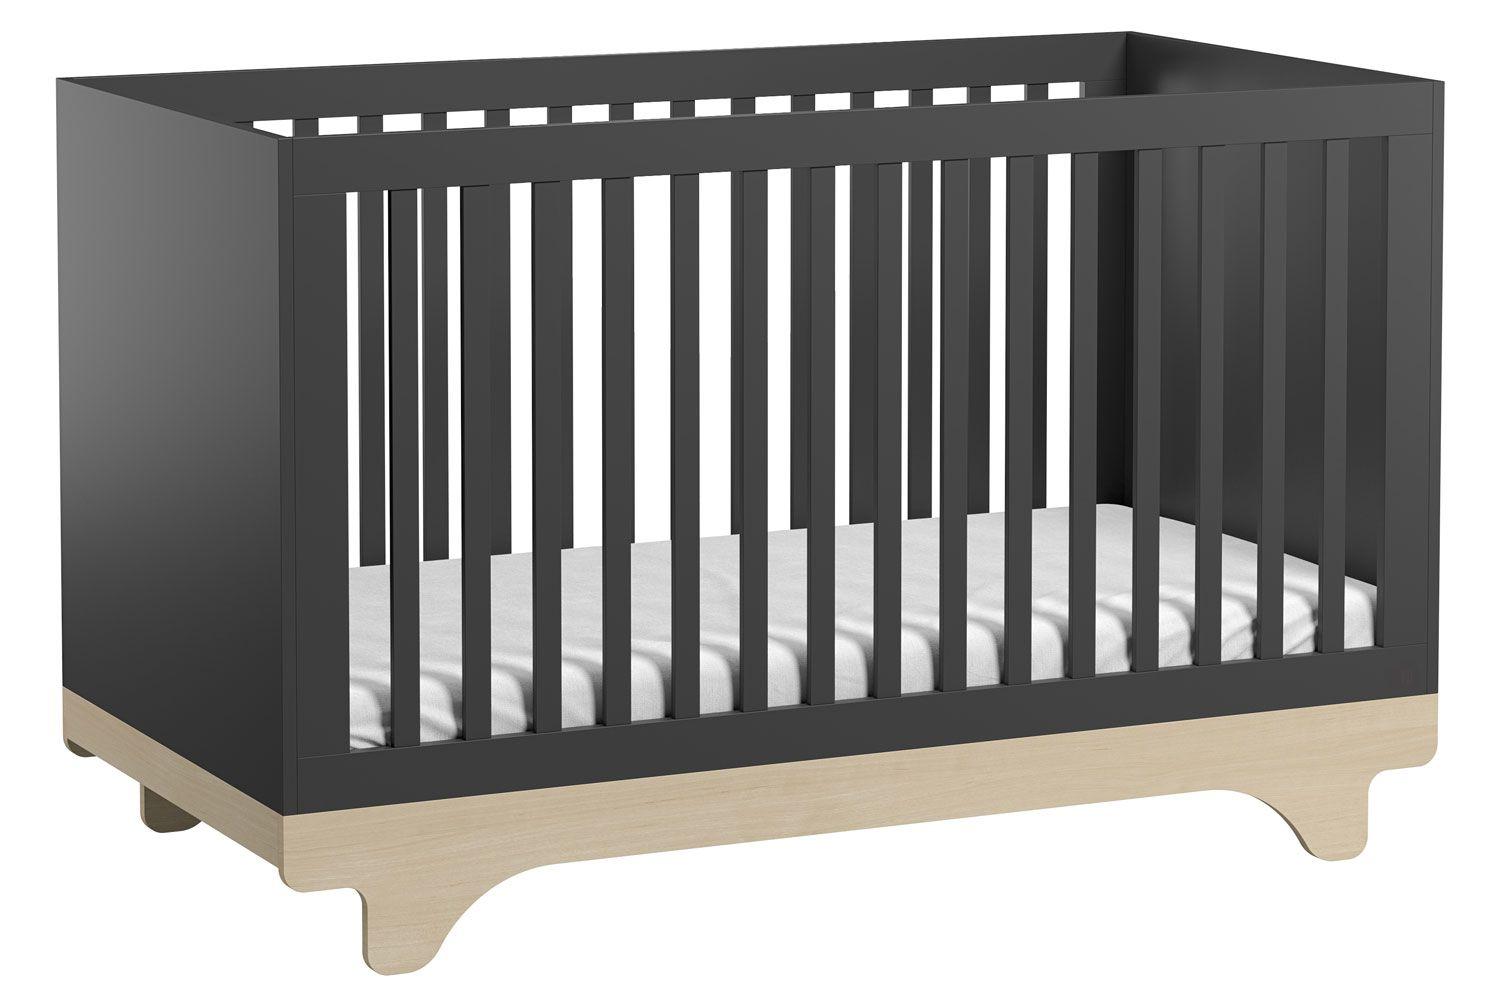 Babybett / Gitterbett Lillebror 01, Farbe: Grau / Birke - Liegefläche: 70 x 140 cm (B x L)